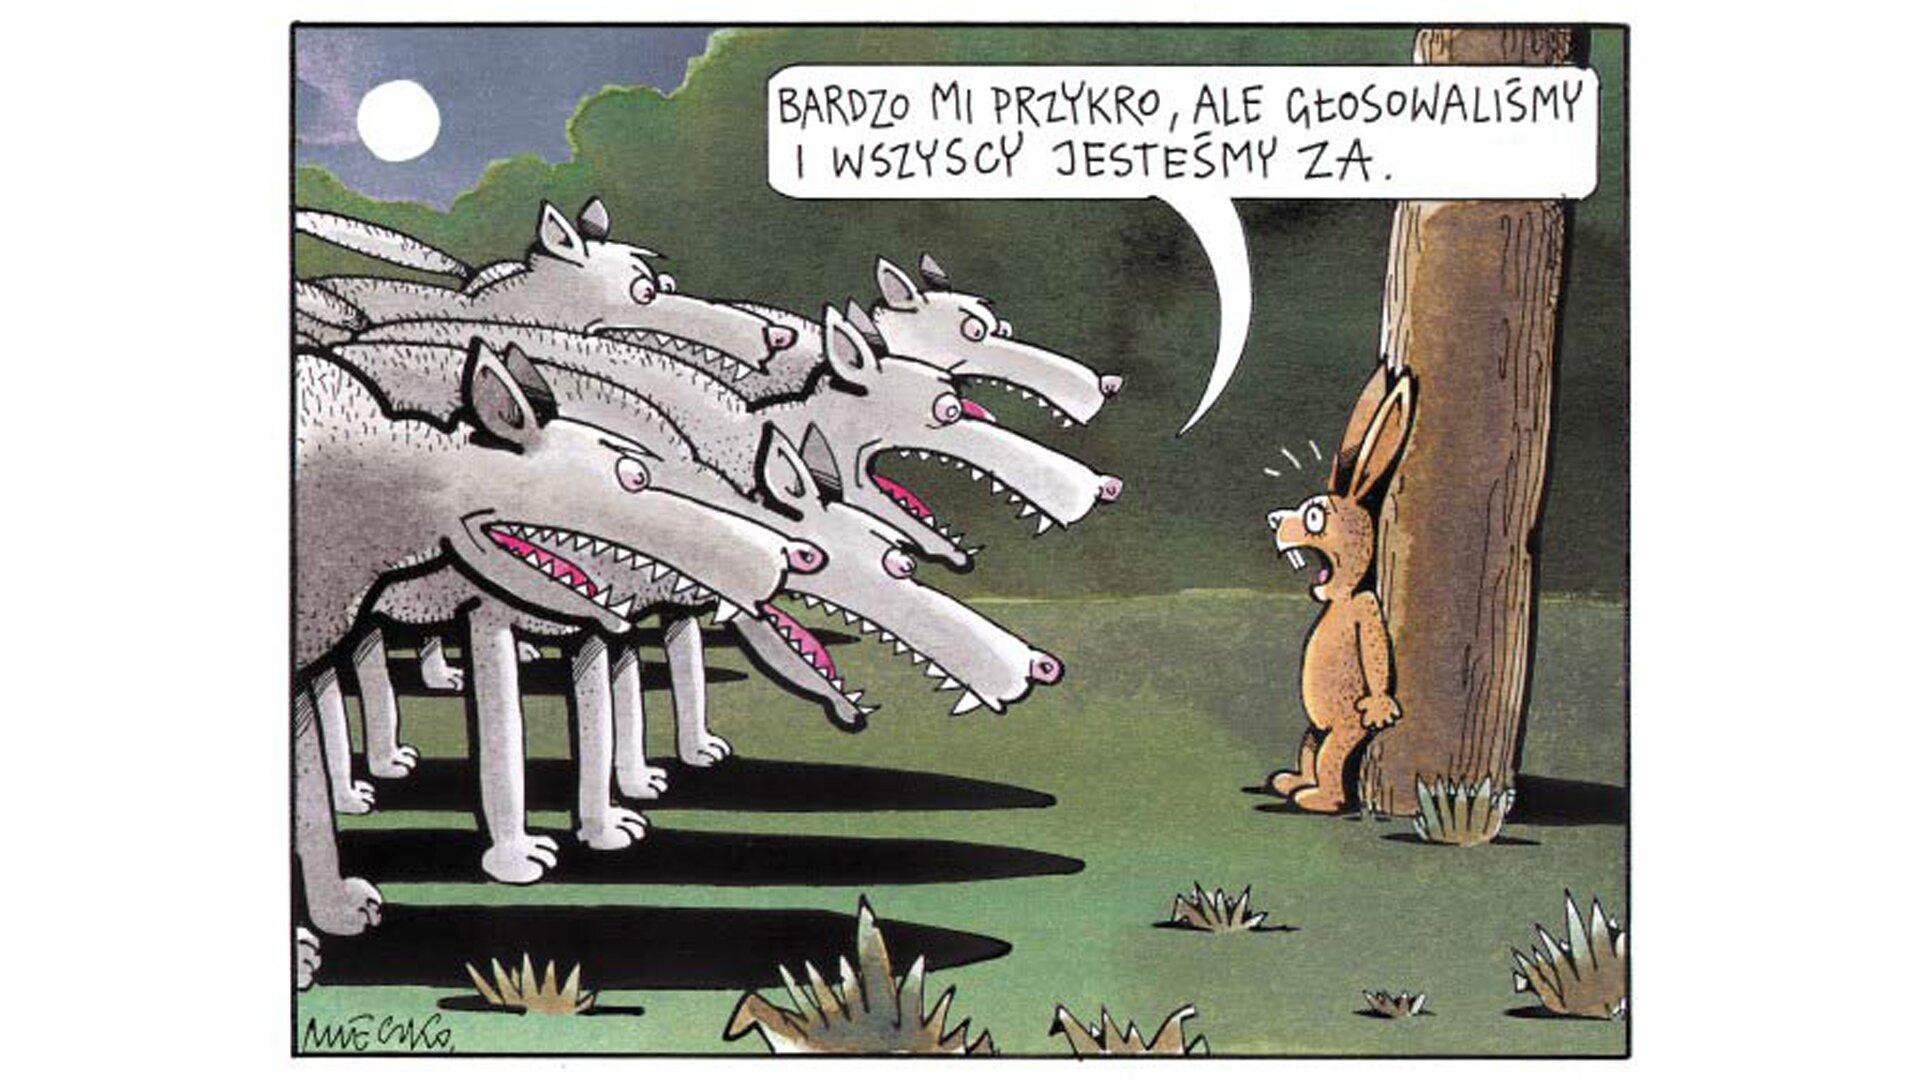 """Praca domowa. Wramce umieszczono Zadanie 1. Podane jest polecenie : """"Po obejrzeniu rysunku Andrzeja Mleczki:"""". Poniżej znajduje się podpisany przez autora rysunek satyryczny. Rysunek przedstawia stado wilków zwyszczerzonymi zębami. Wilki zwrócone są wkierunku drzewa, pod którym stoi przerażony zając. Ugóry rysunku, w""""dymku"""" znajduje się napis: """"BARDZO MI PRZYKRO, ALE GŁOSOWALIŚMY IWSZYSCY JESTEŚMY ZA."""". Poniżej znajduje się treść ćwiczenia: """"1. Nazwij problem przedstawiony na rysunku. 2. Wyjaśnij, jak we współczesnych państwach demokratycznych rozwiązano problem przedstawiony na rysunku. Podaj dwa przykłady."""" Pod ćwiczeniem znajduje polecenie do zadania 2: """"Zadanie 2 Przygotujcie się do debaty na temat: """"Ocena roli ruchów obywatelskiego sprzeciwu""""."""